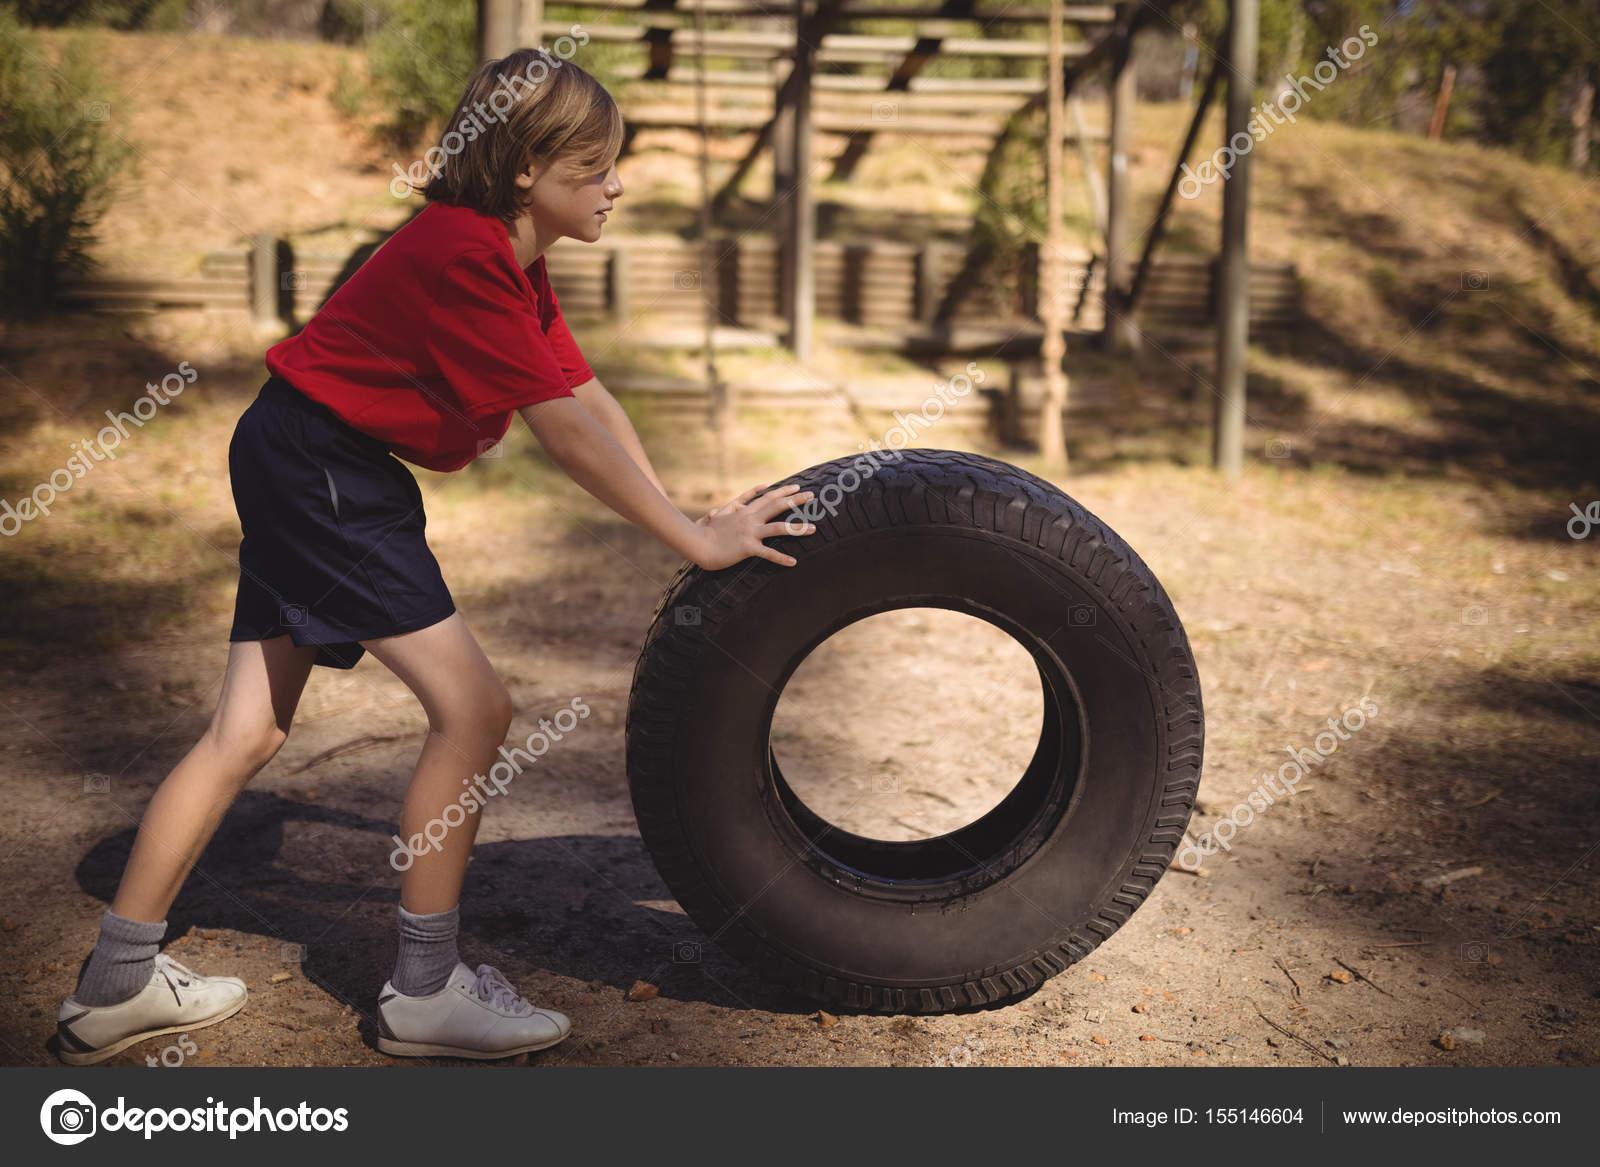 Klettergerüst Reifen : Entschlossene mädchen turnen mit großen reifen u2014 stockfoto